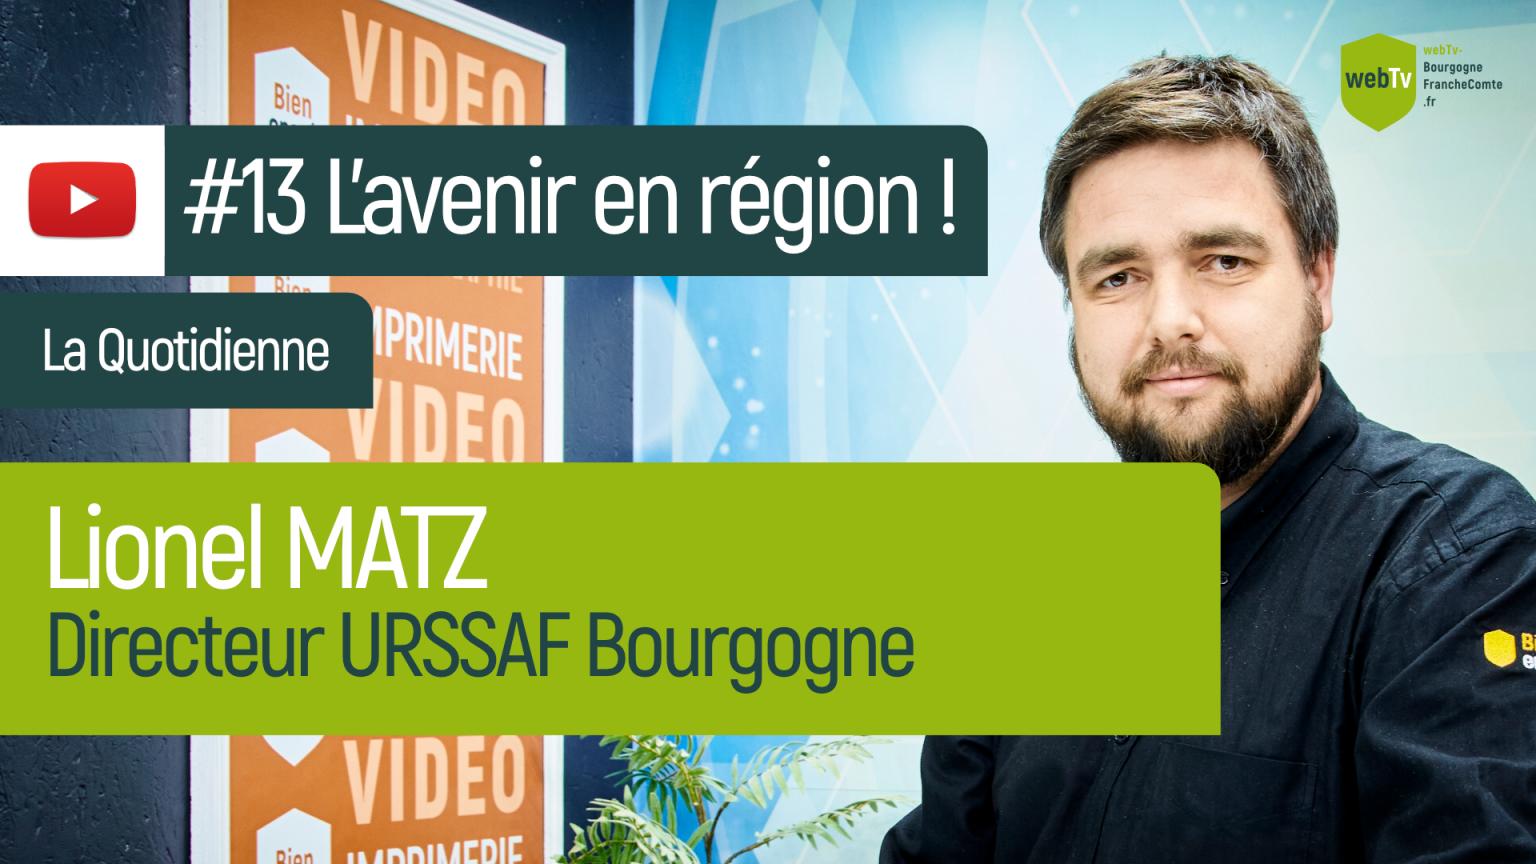 Lionel MATZ directeur URSSAF Bourgogne